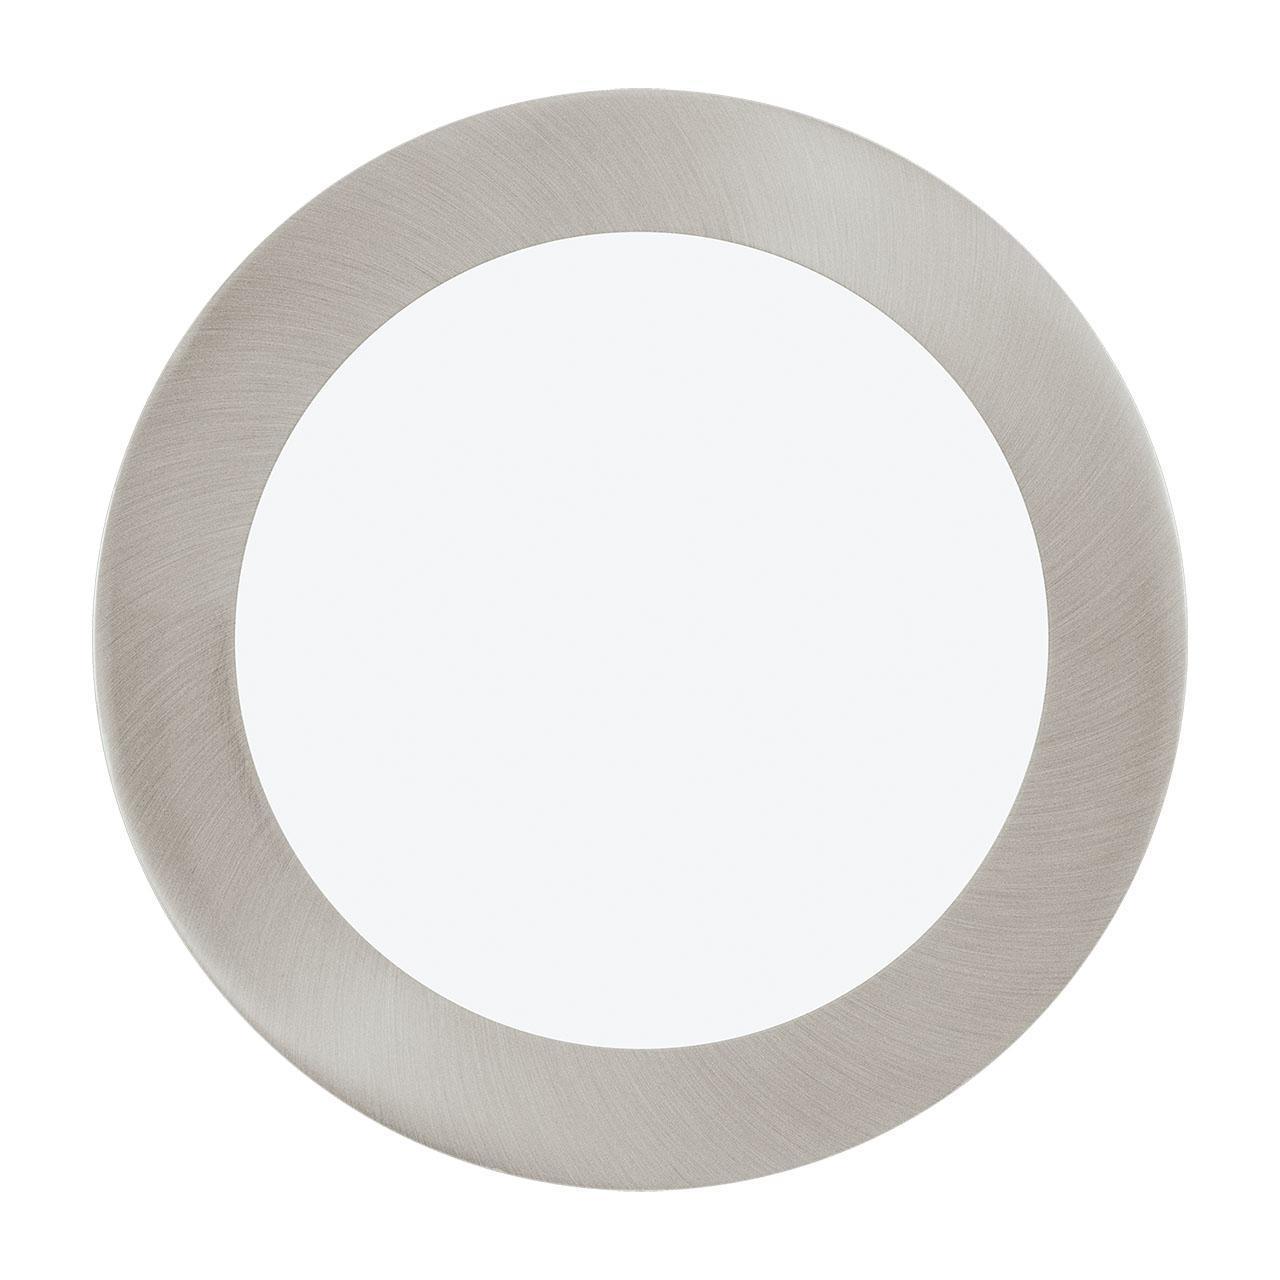 Встраиваемый светодиодный светильник Eglo Fueva 1 31672 встраиваемый светодиодный светильник eglo fueva 1 31672